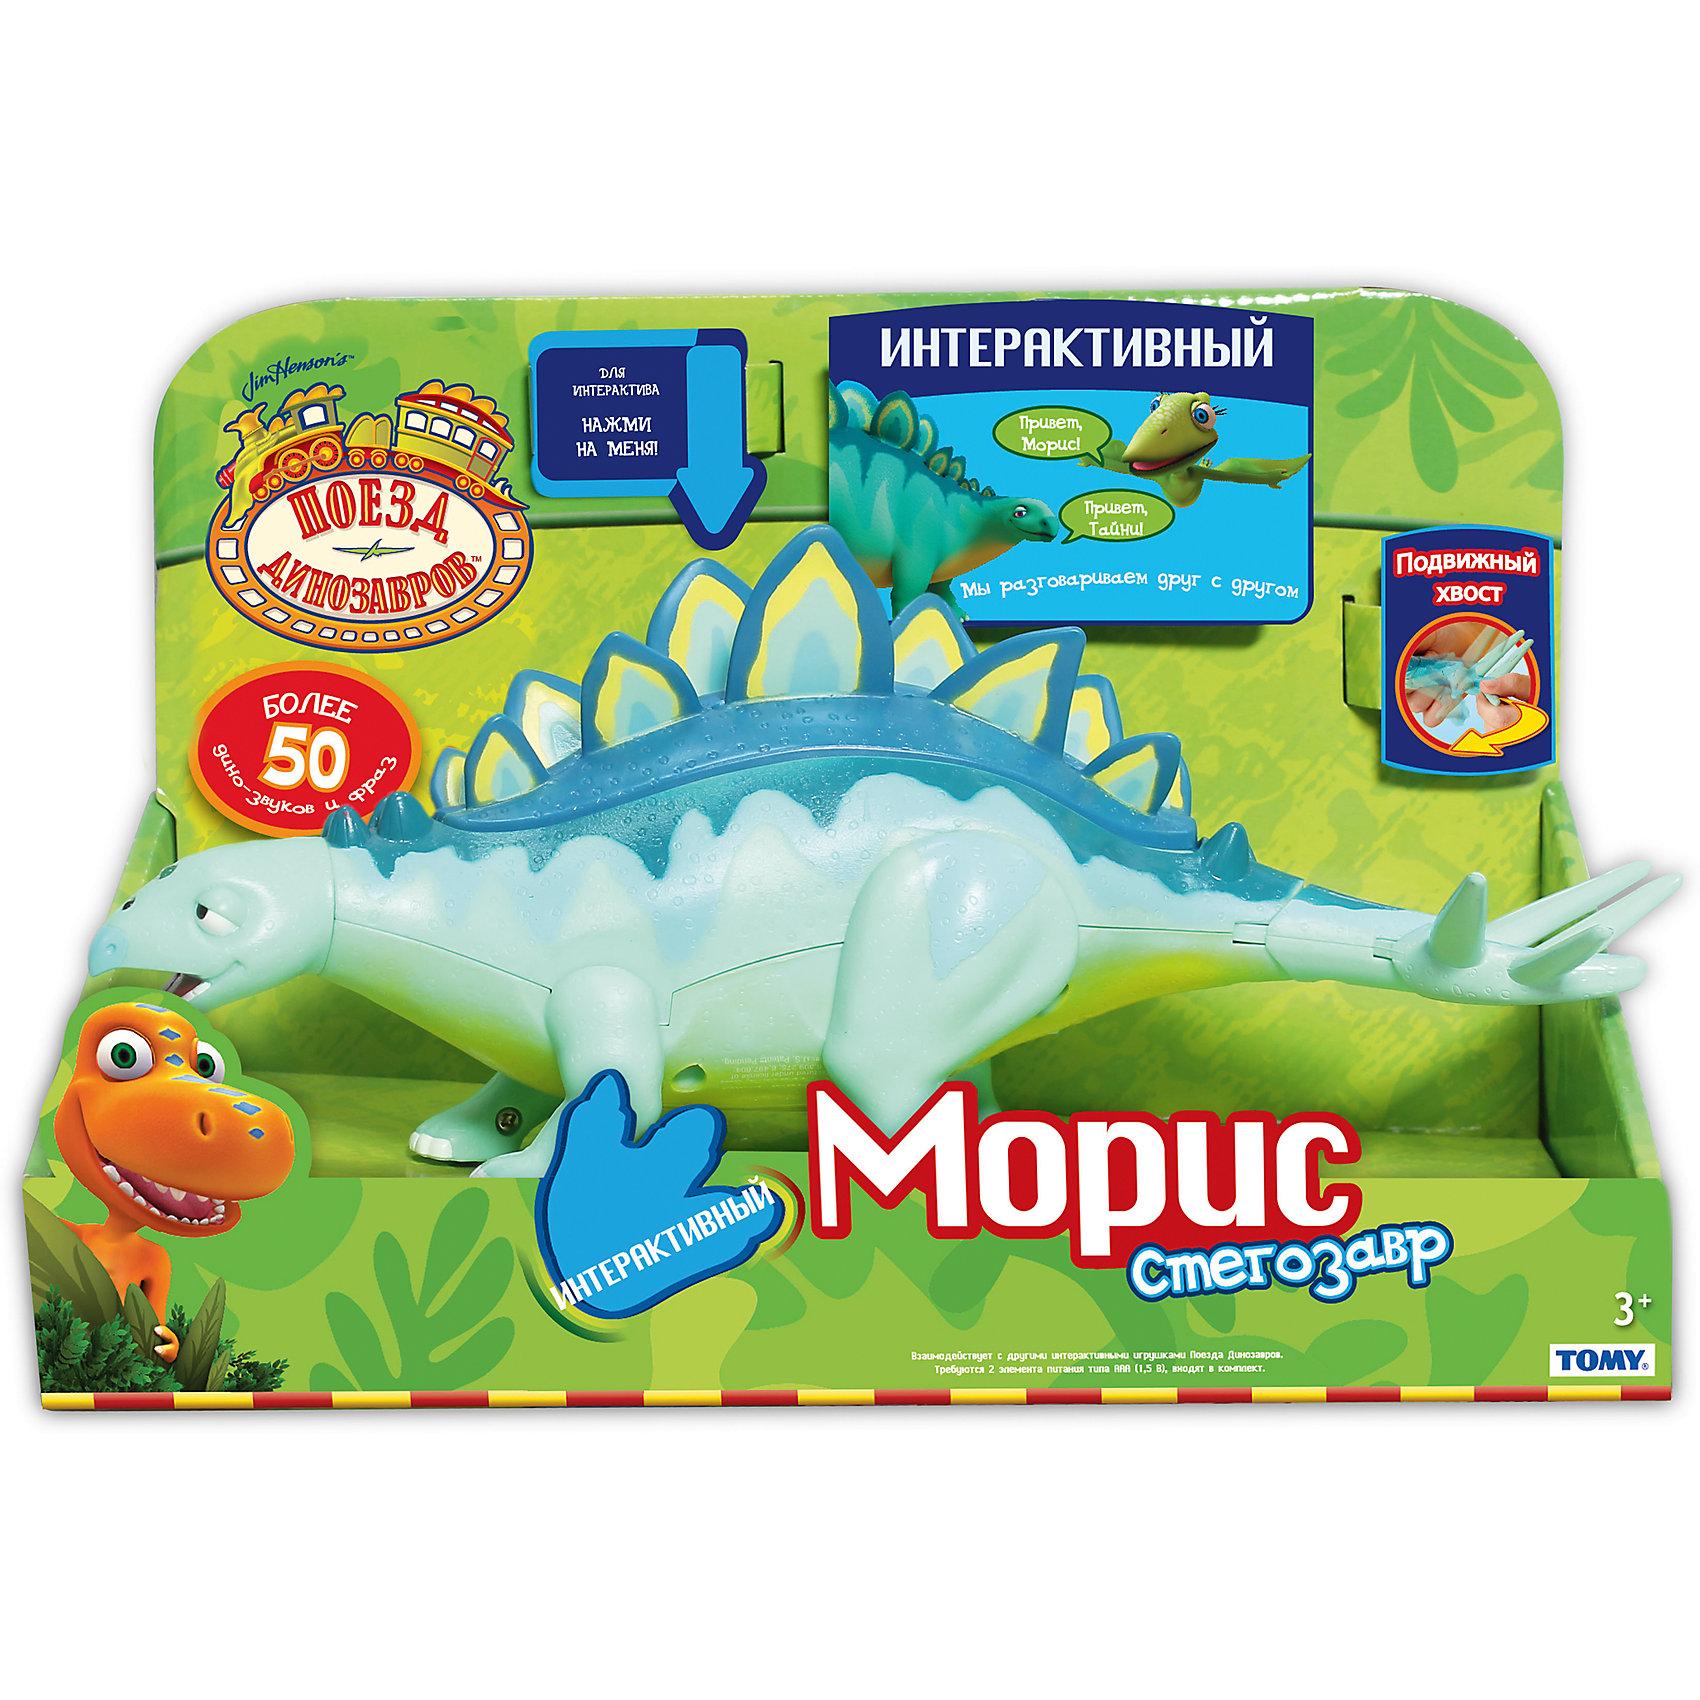 TOMY Поезд динозавров Морис, со звуком, Tomy игровые наборы tomy набор поезд динозавров тайни с вагончиком